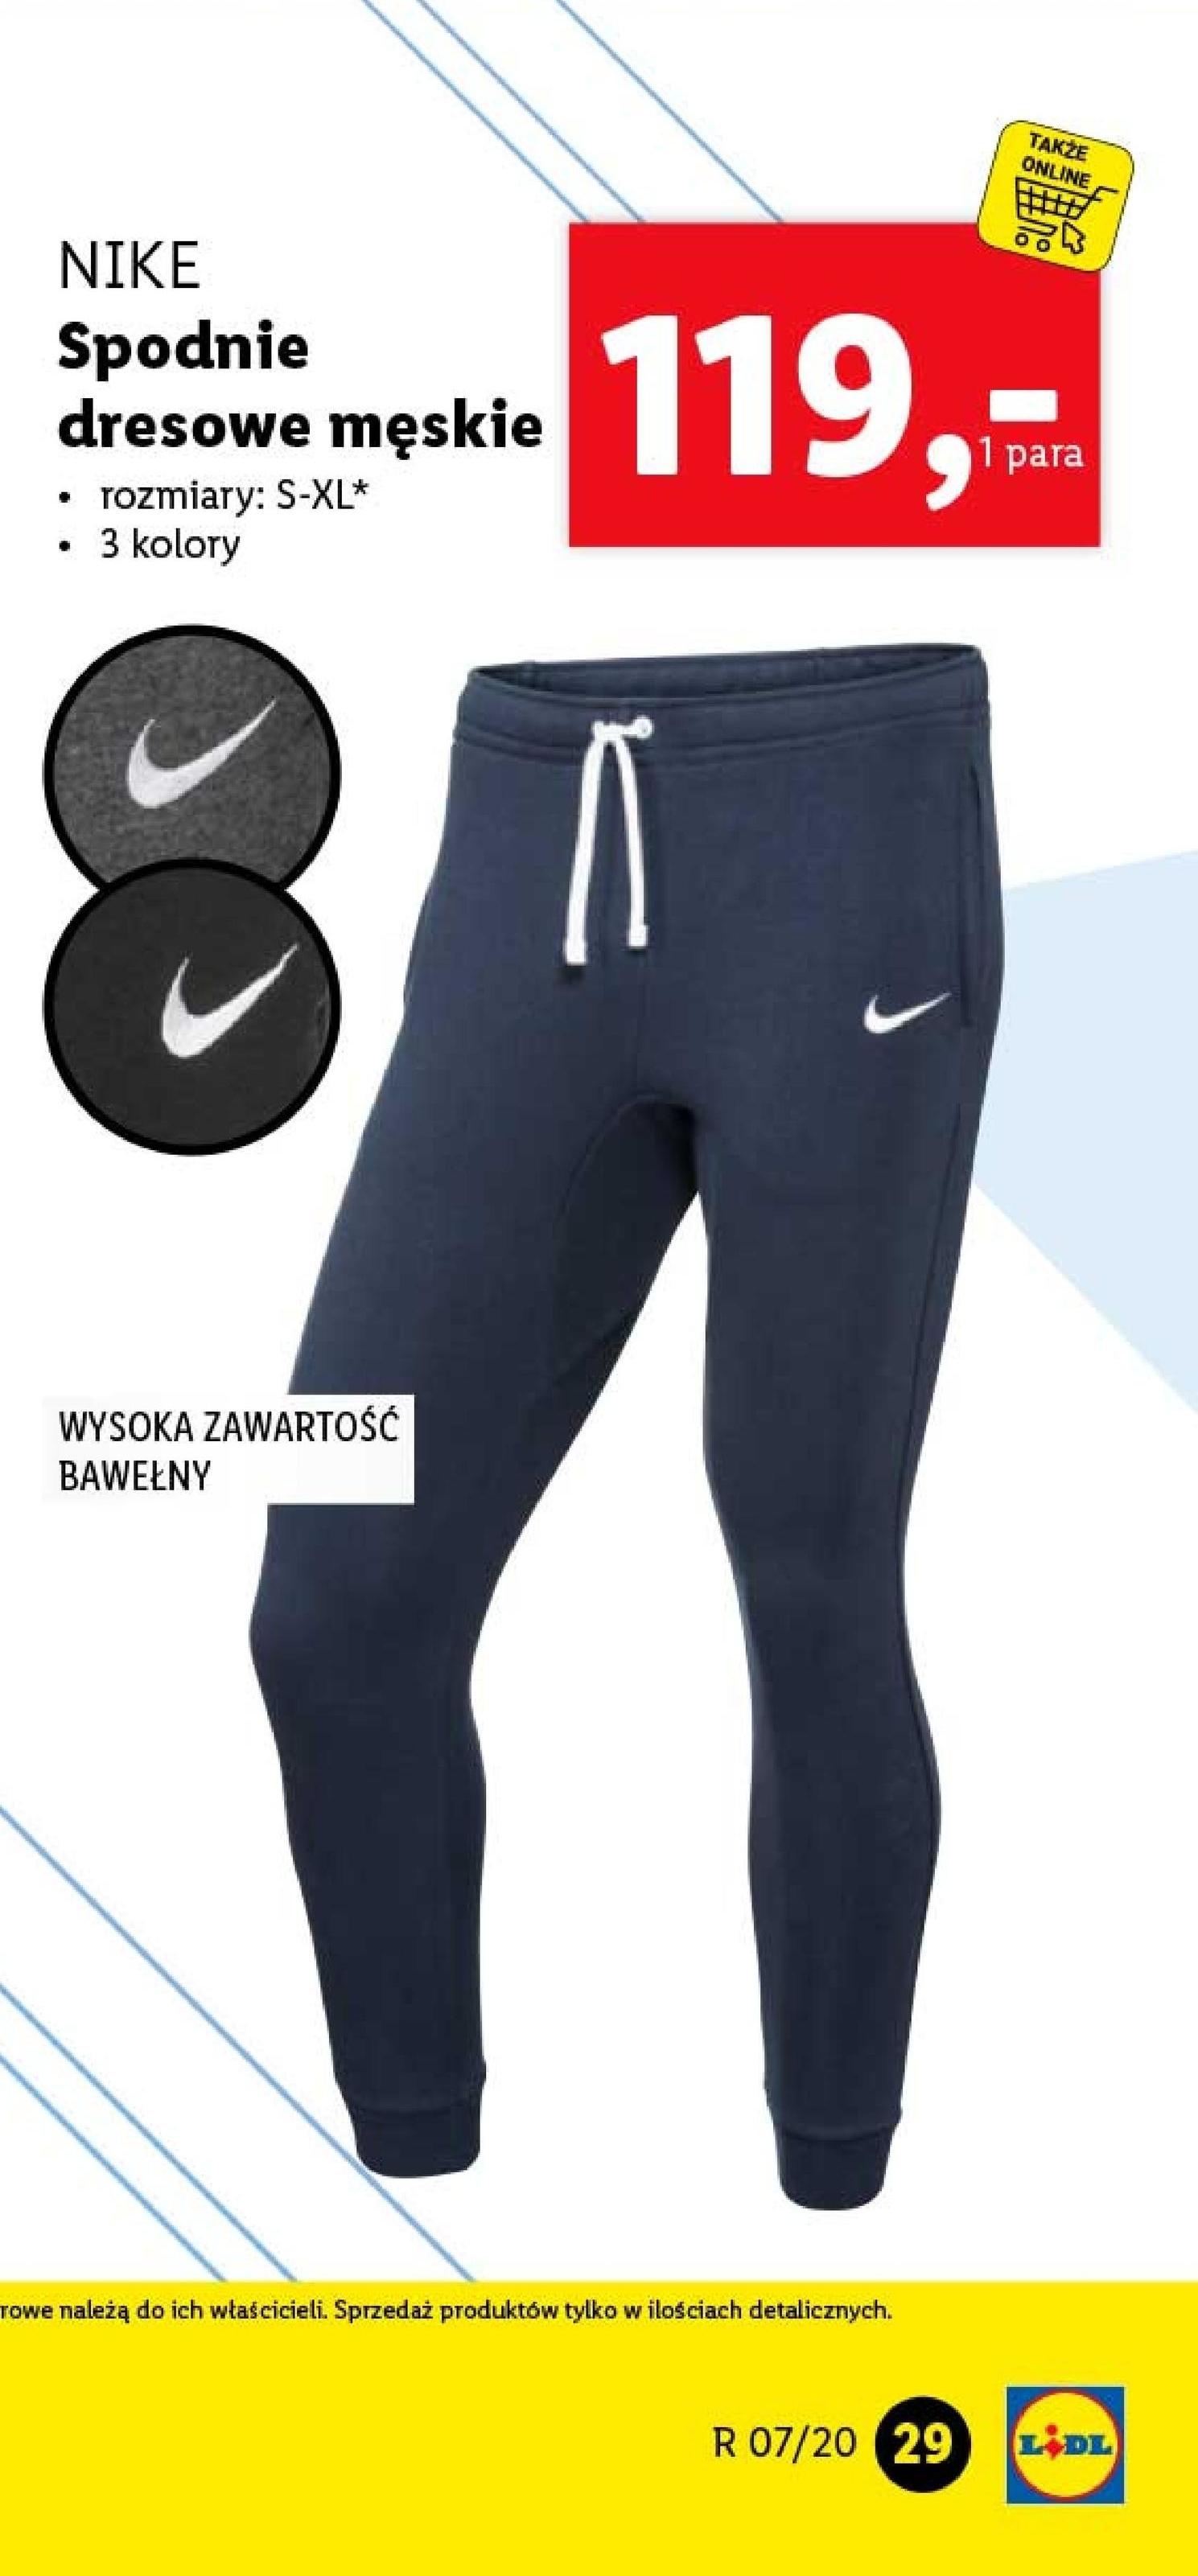 ARCHIWUM | Ceny promocyjne Nike ulotki, promocje, zniżki